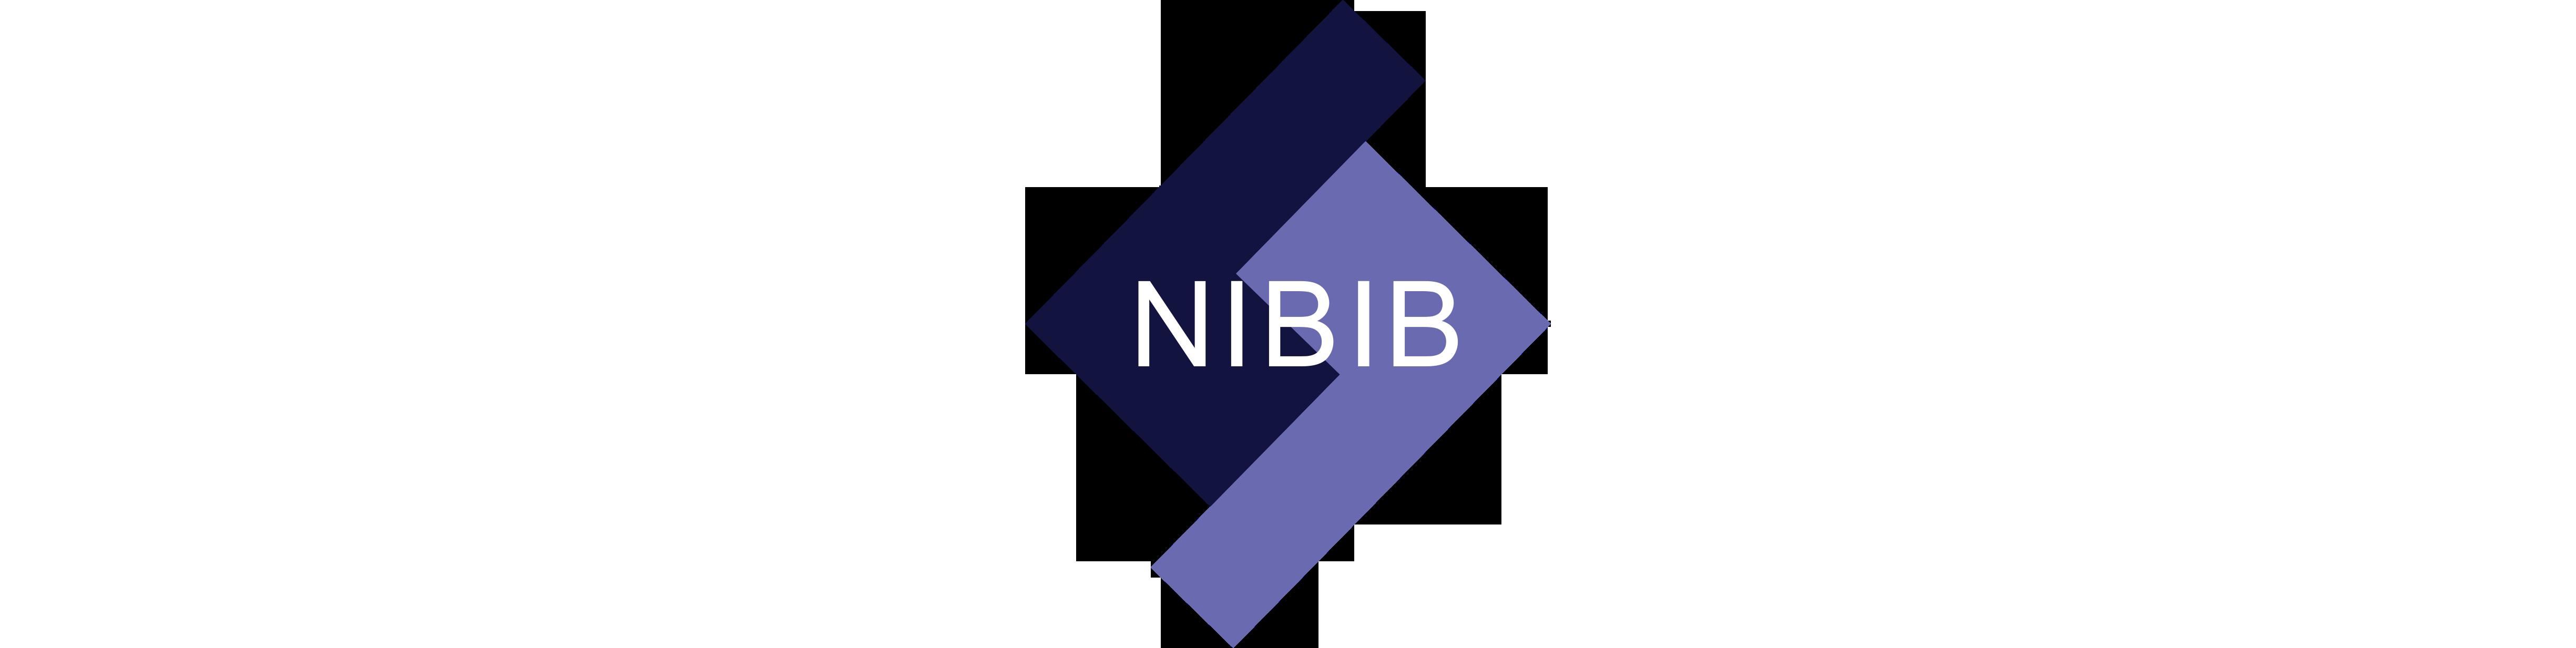 10_NIBIB